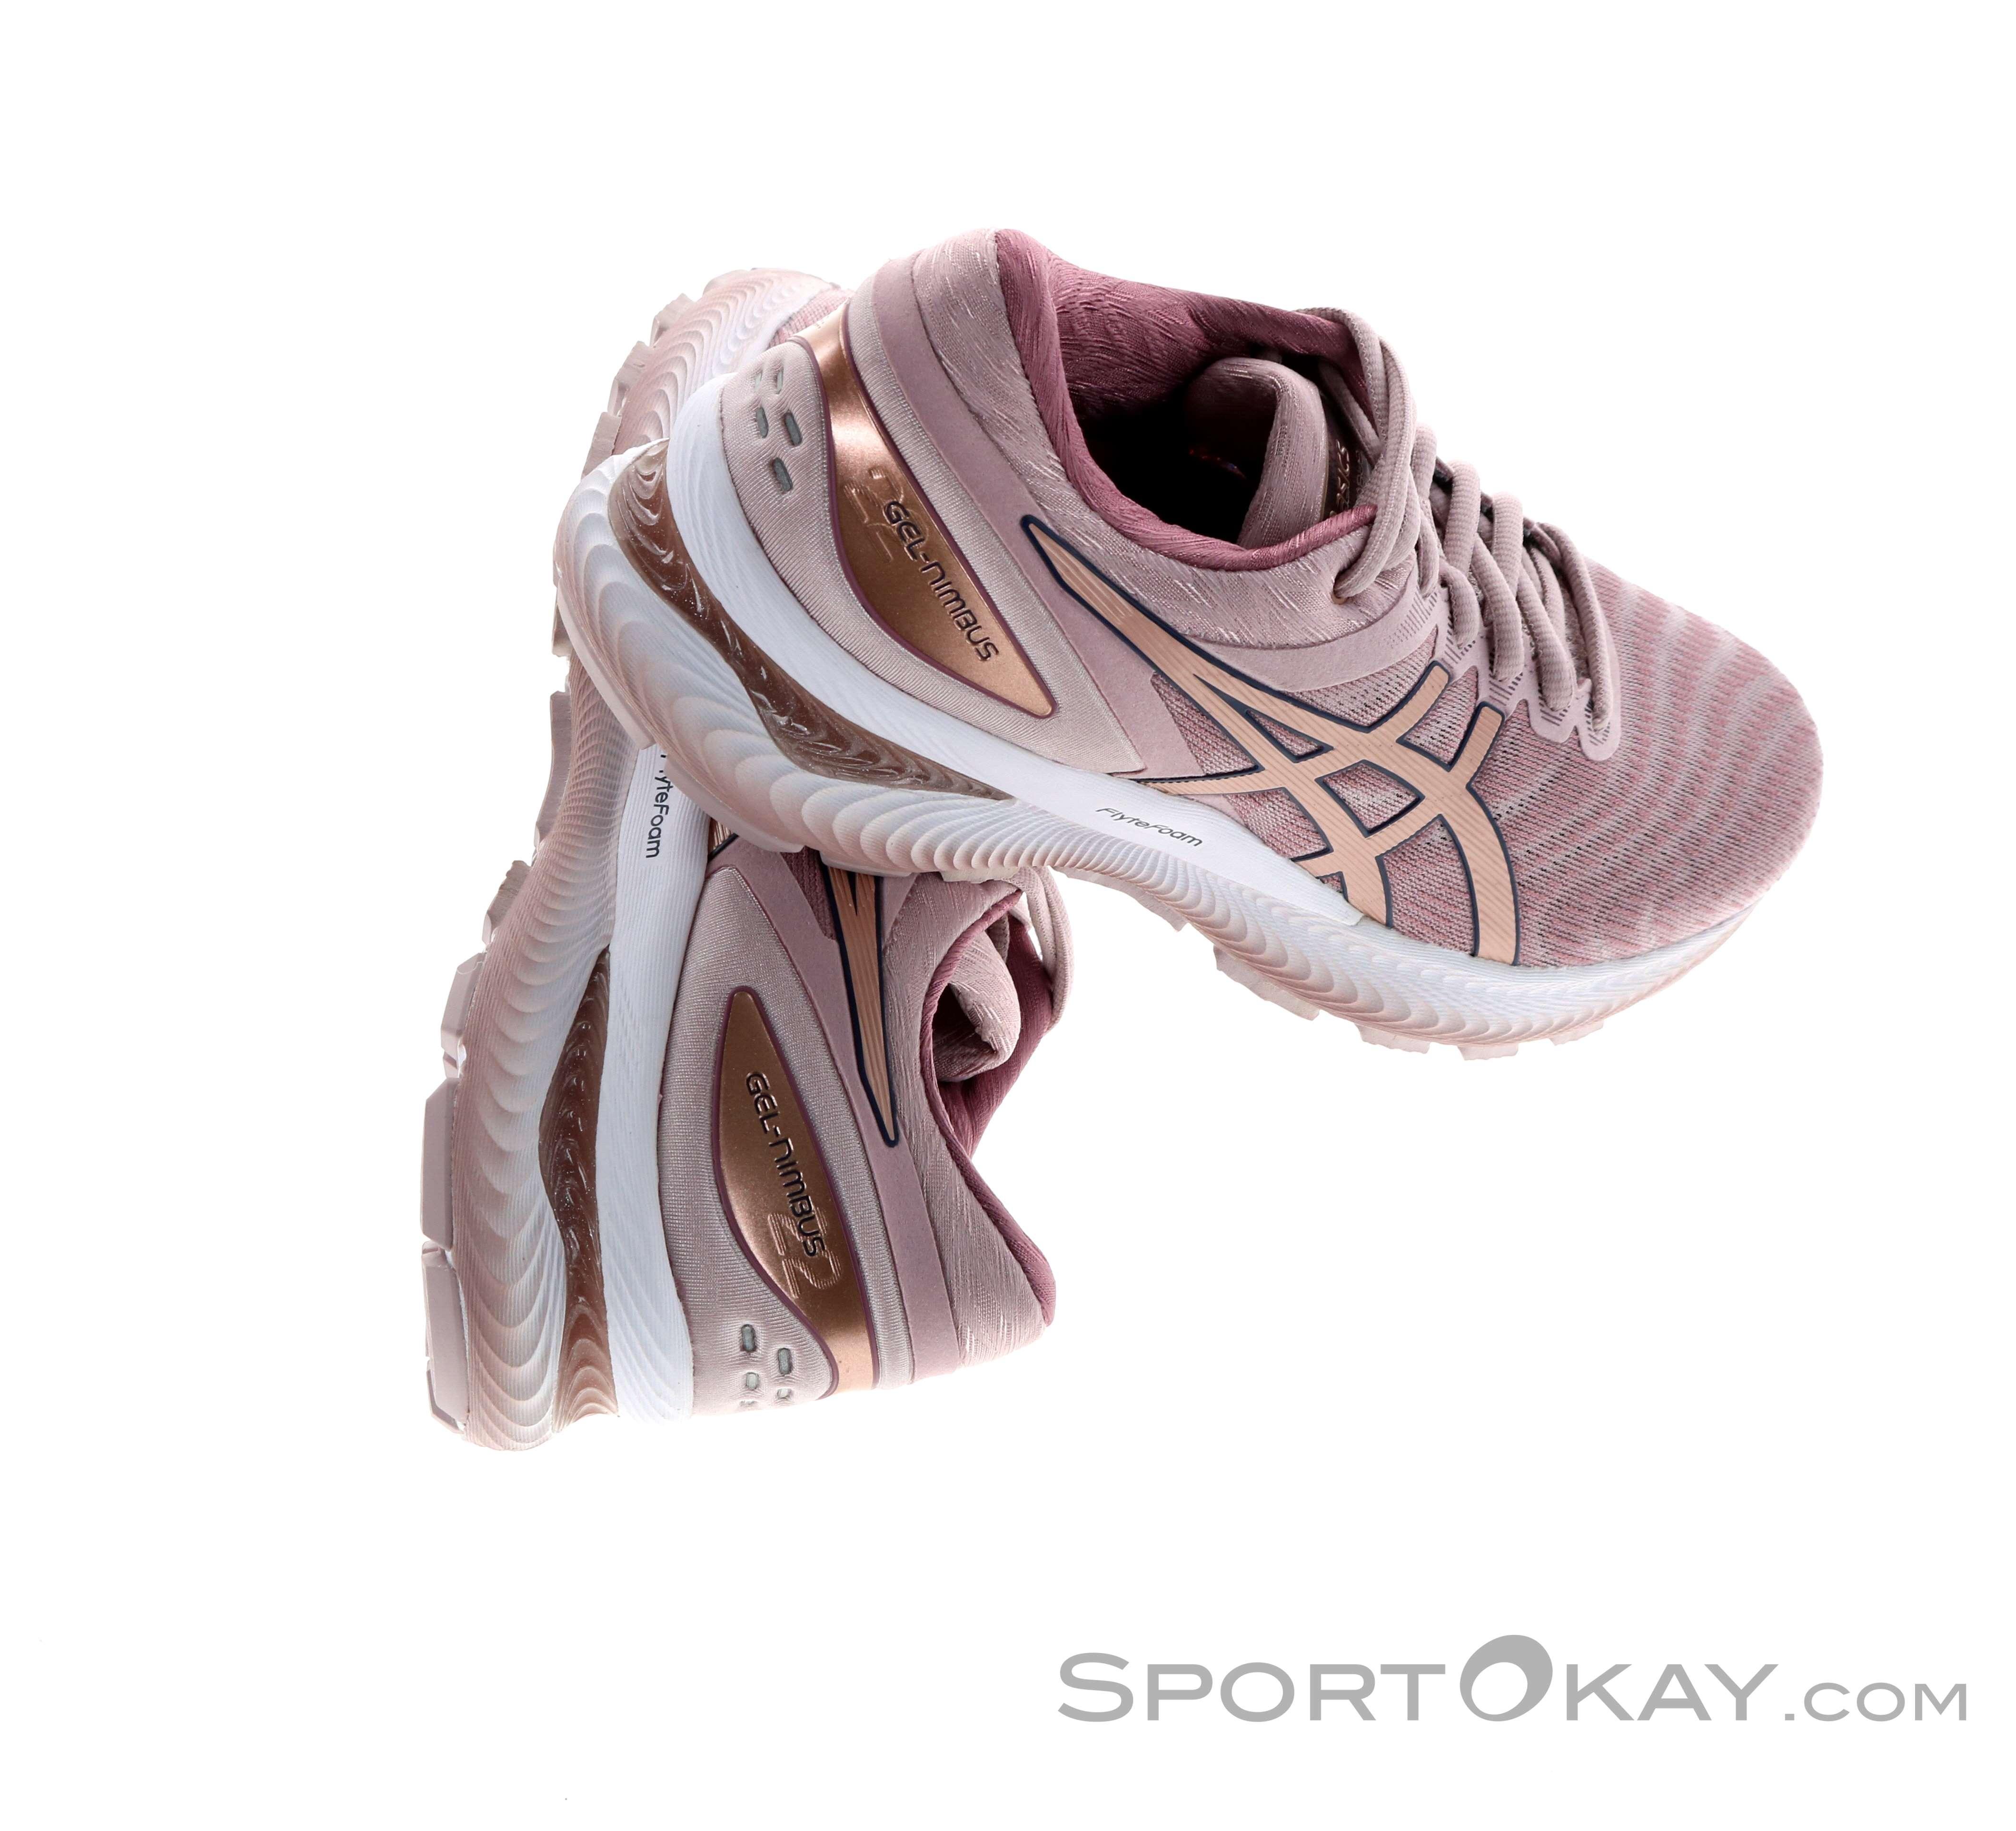 Asics Asics Gel Nimbus 22 Damen Laufschuhe